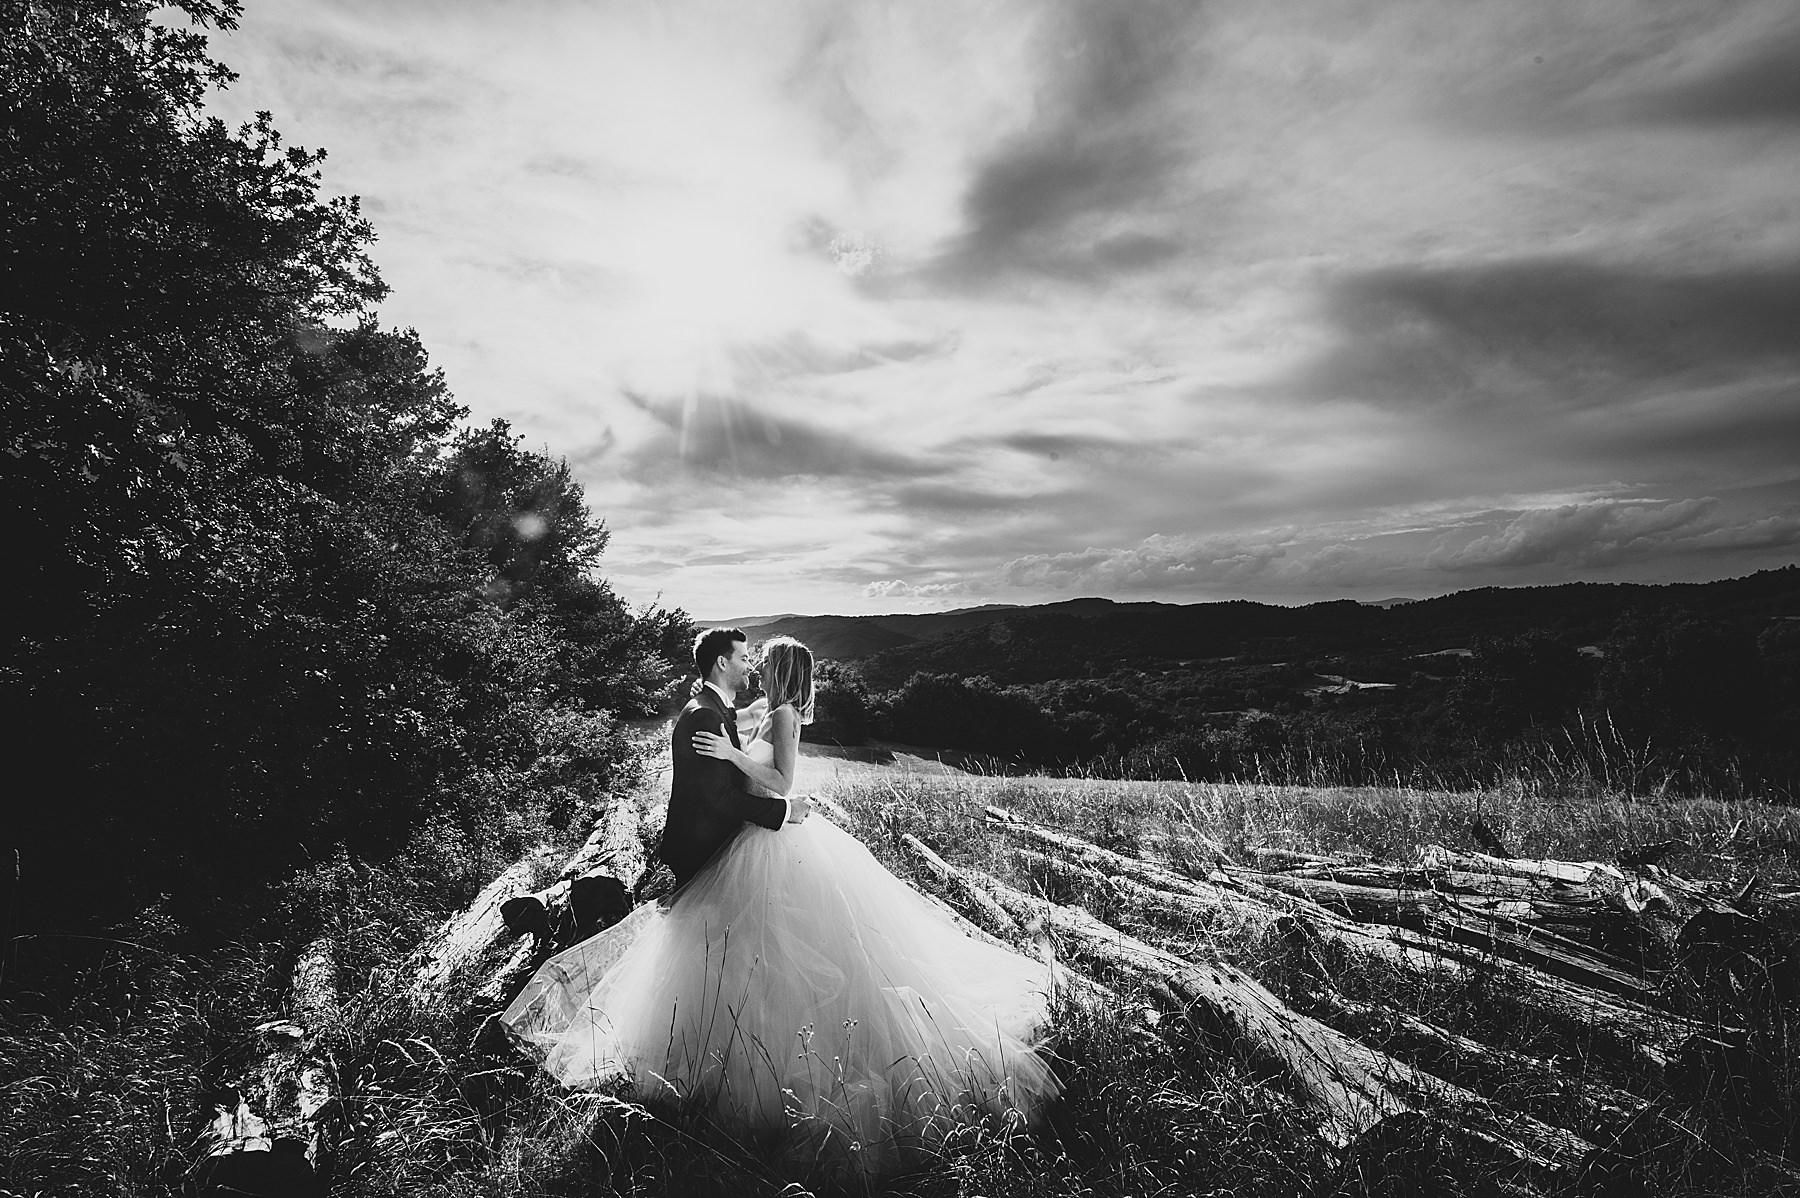 Un magico momento di luce durante lo shooting con gli sposi nella campagna del Mugello